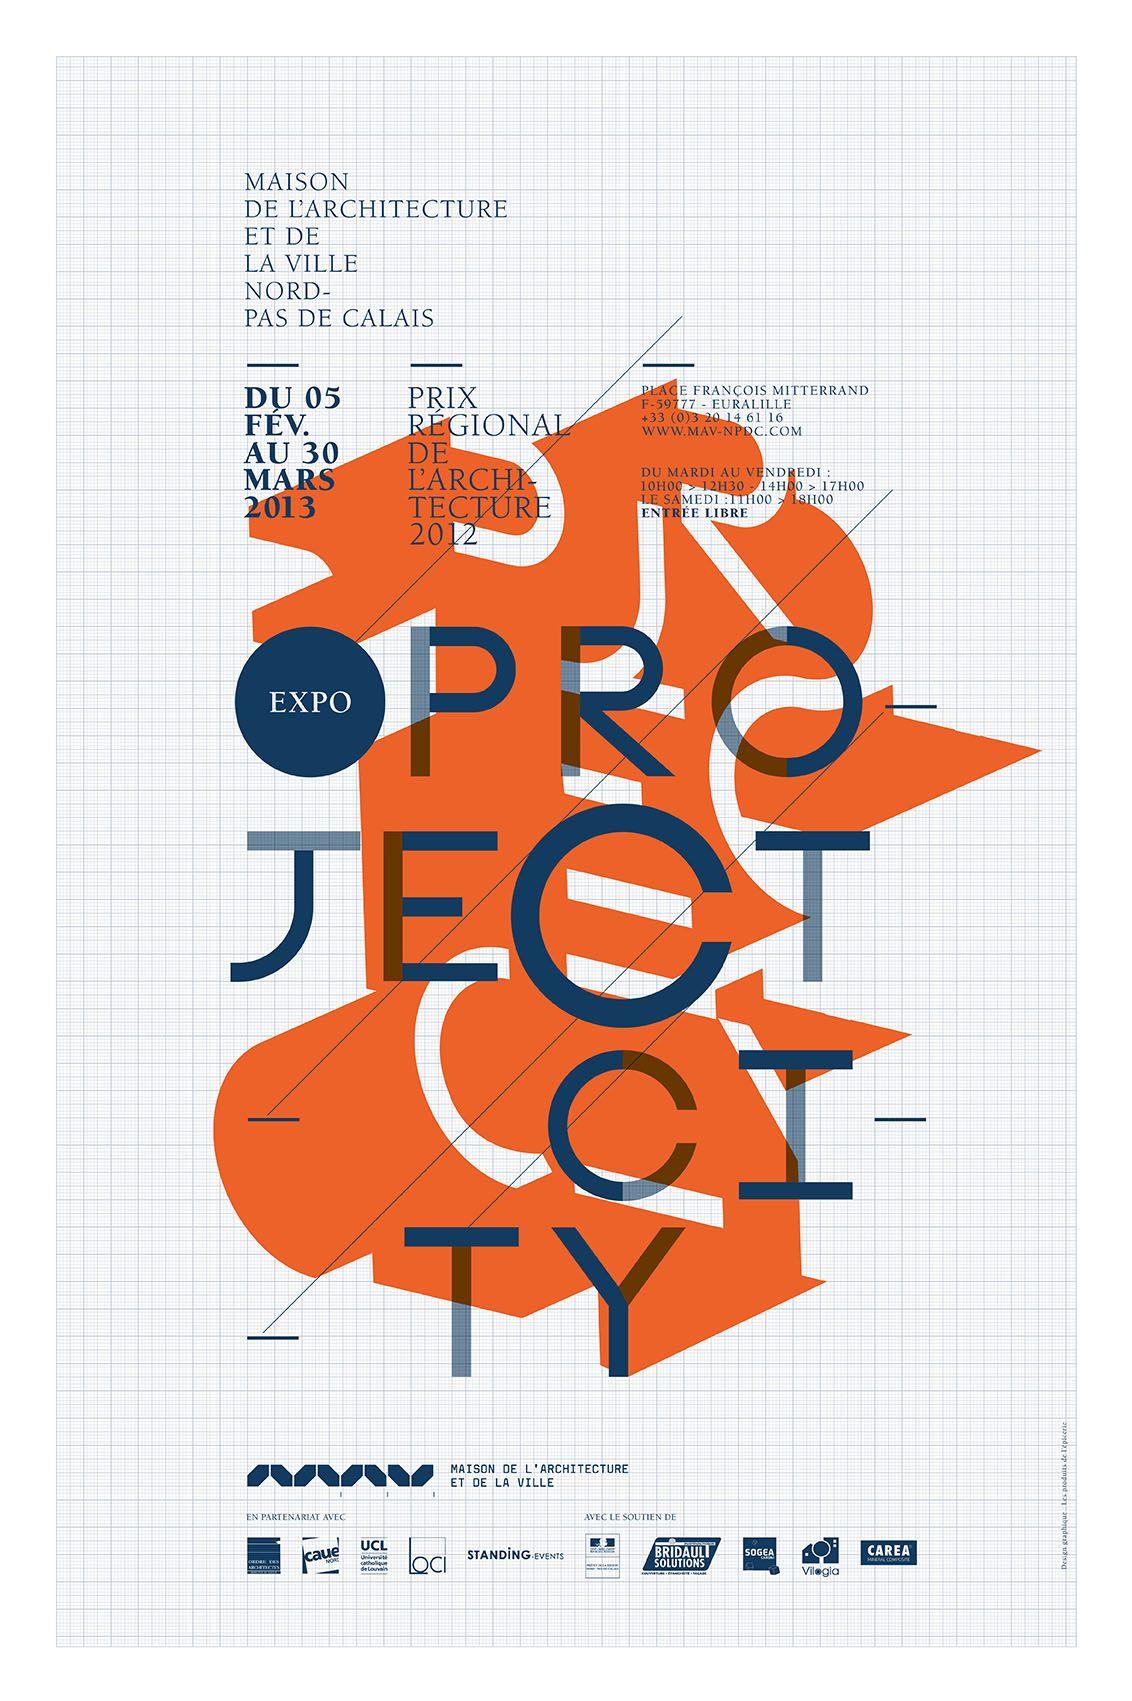 Exposition à la maison de larchitecture et de la ville project city prix régionale de larchitecture 2012